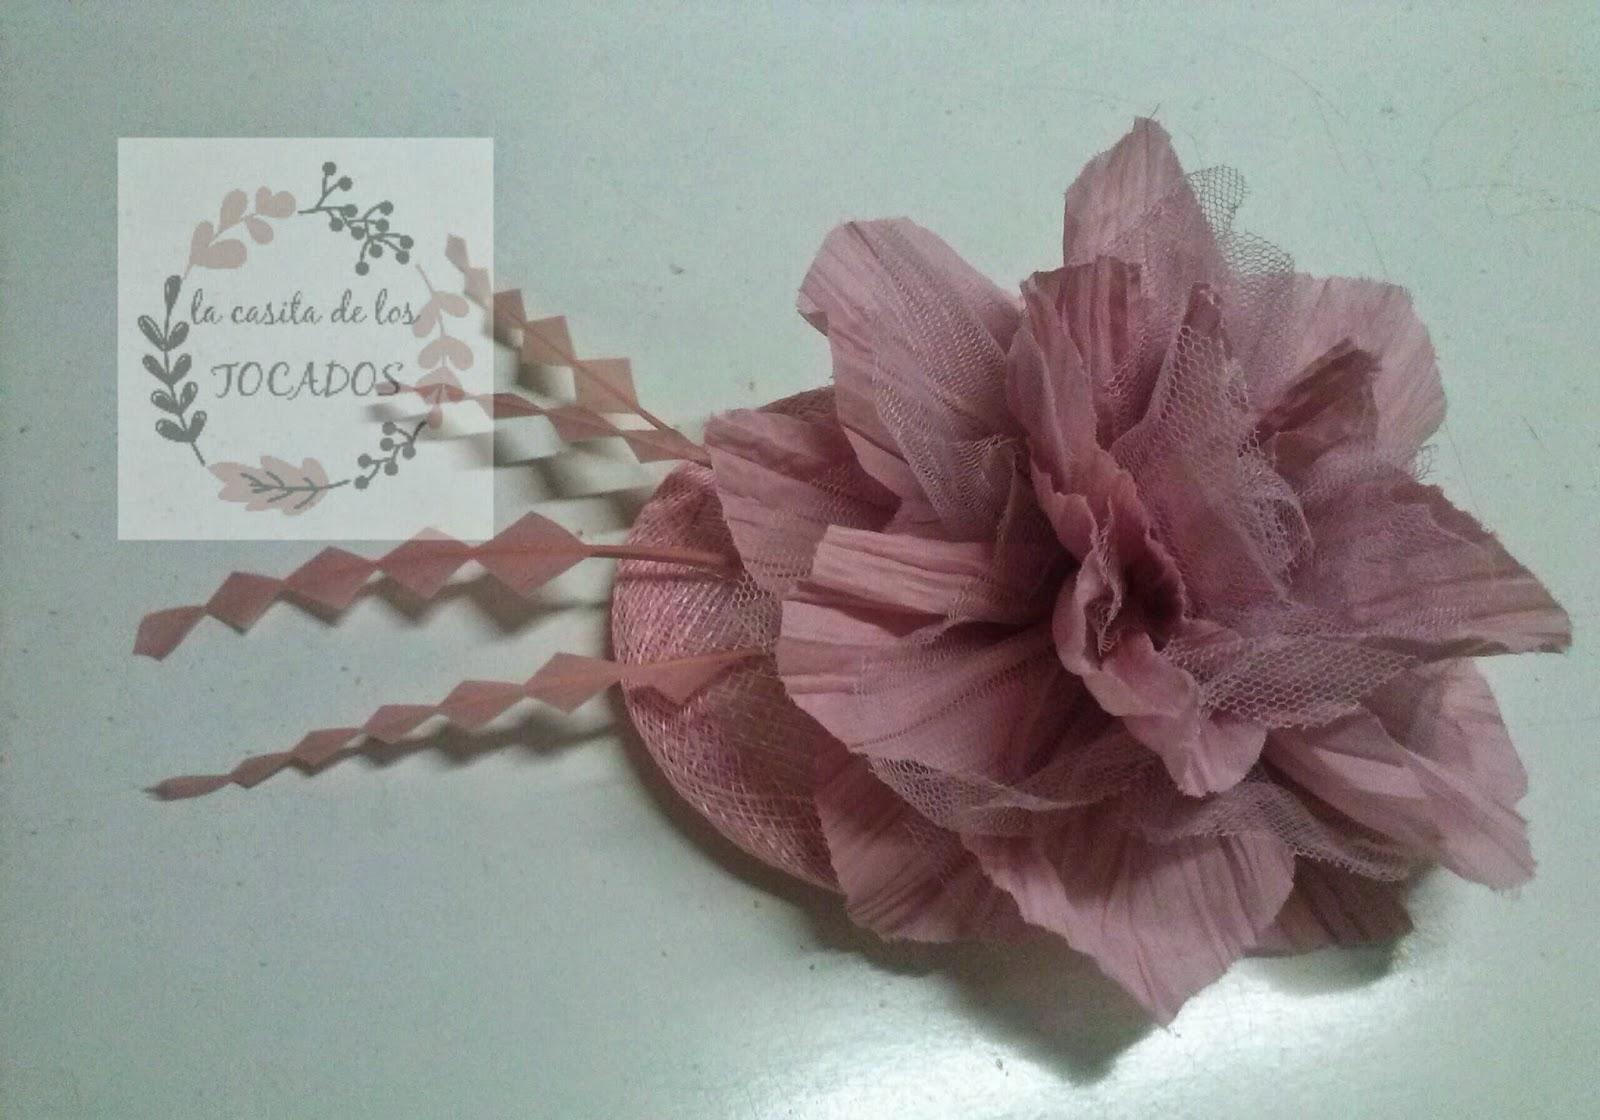 tocado con base de sinamay redonda, flor de organza y tul, y plumas de pato en rosa maquillaje